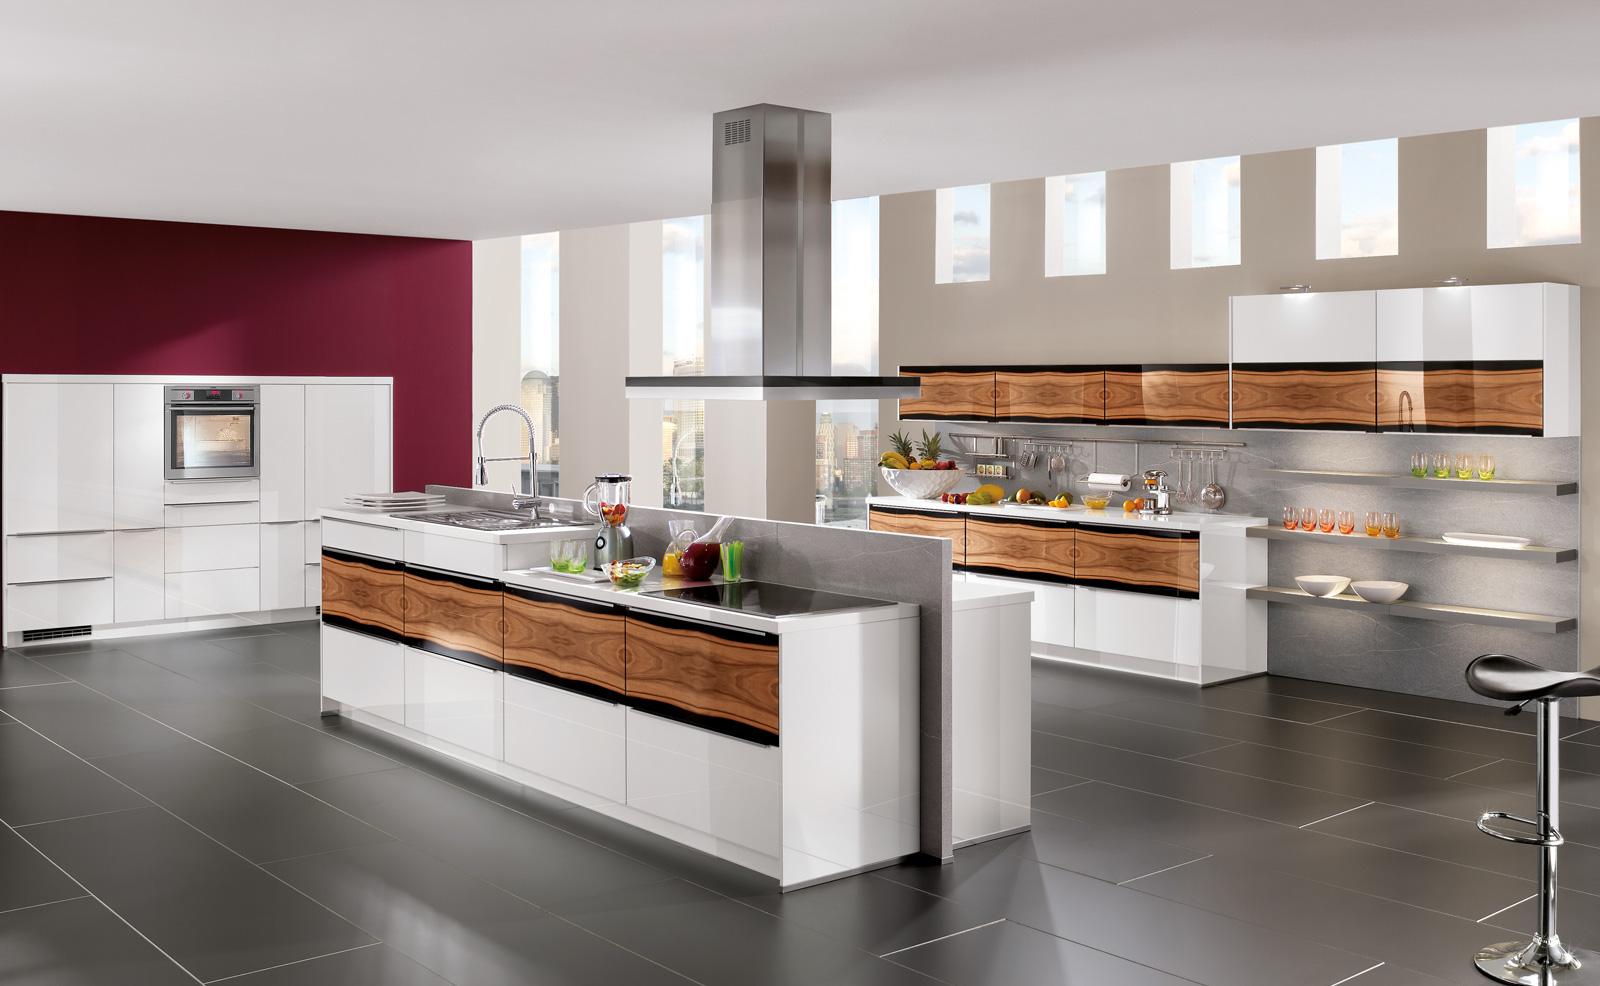 Farbe Küchenfronten. Chevis Küche Ikea Komplette Magnolie ...